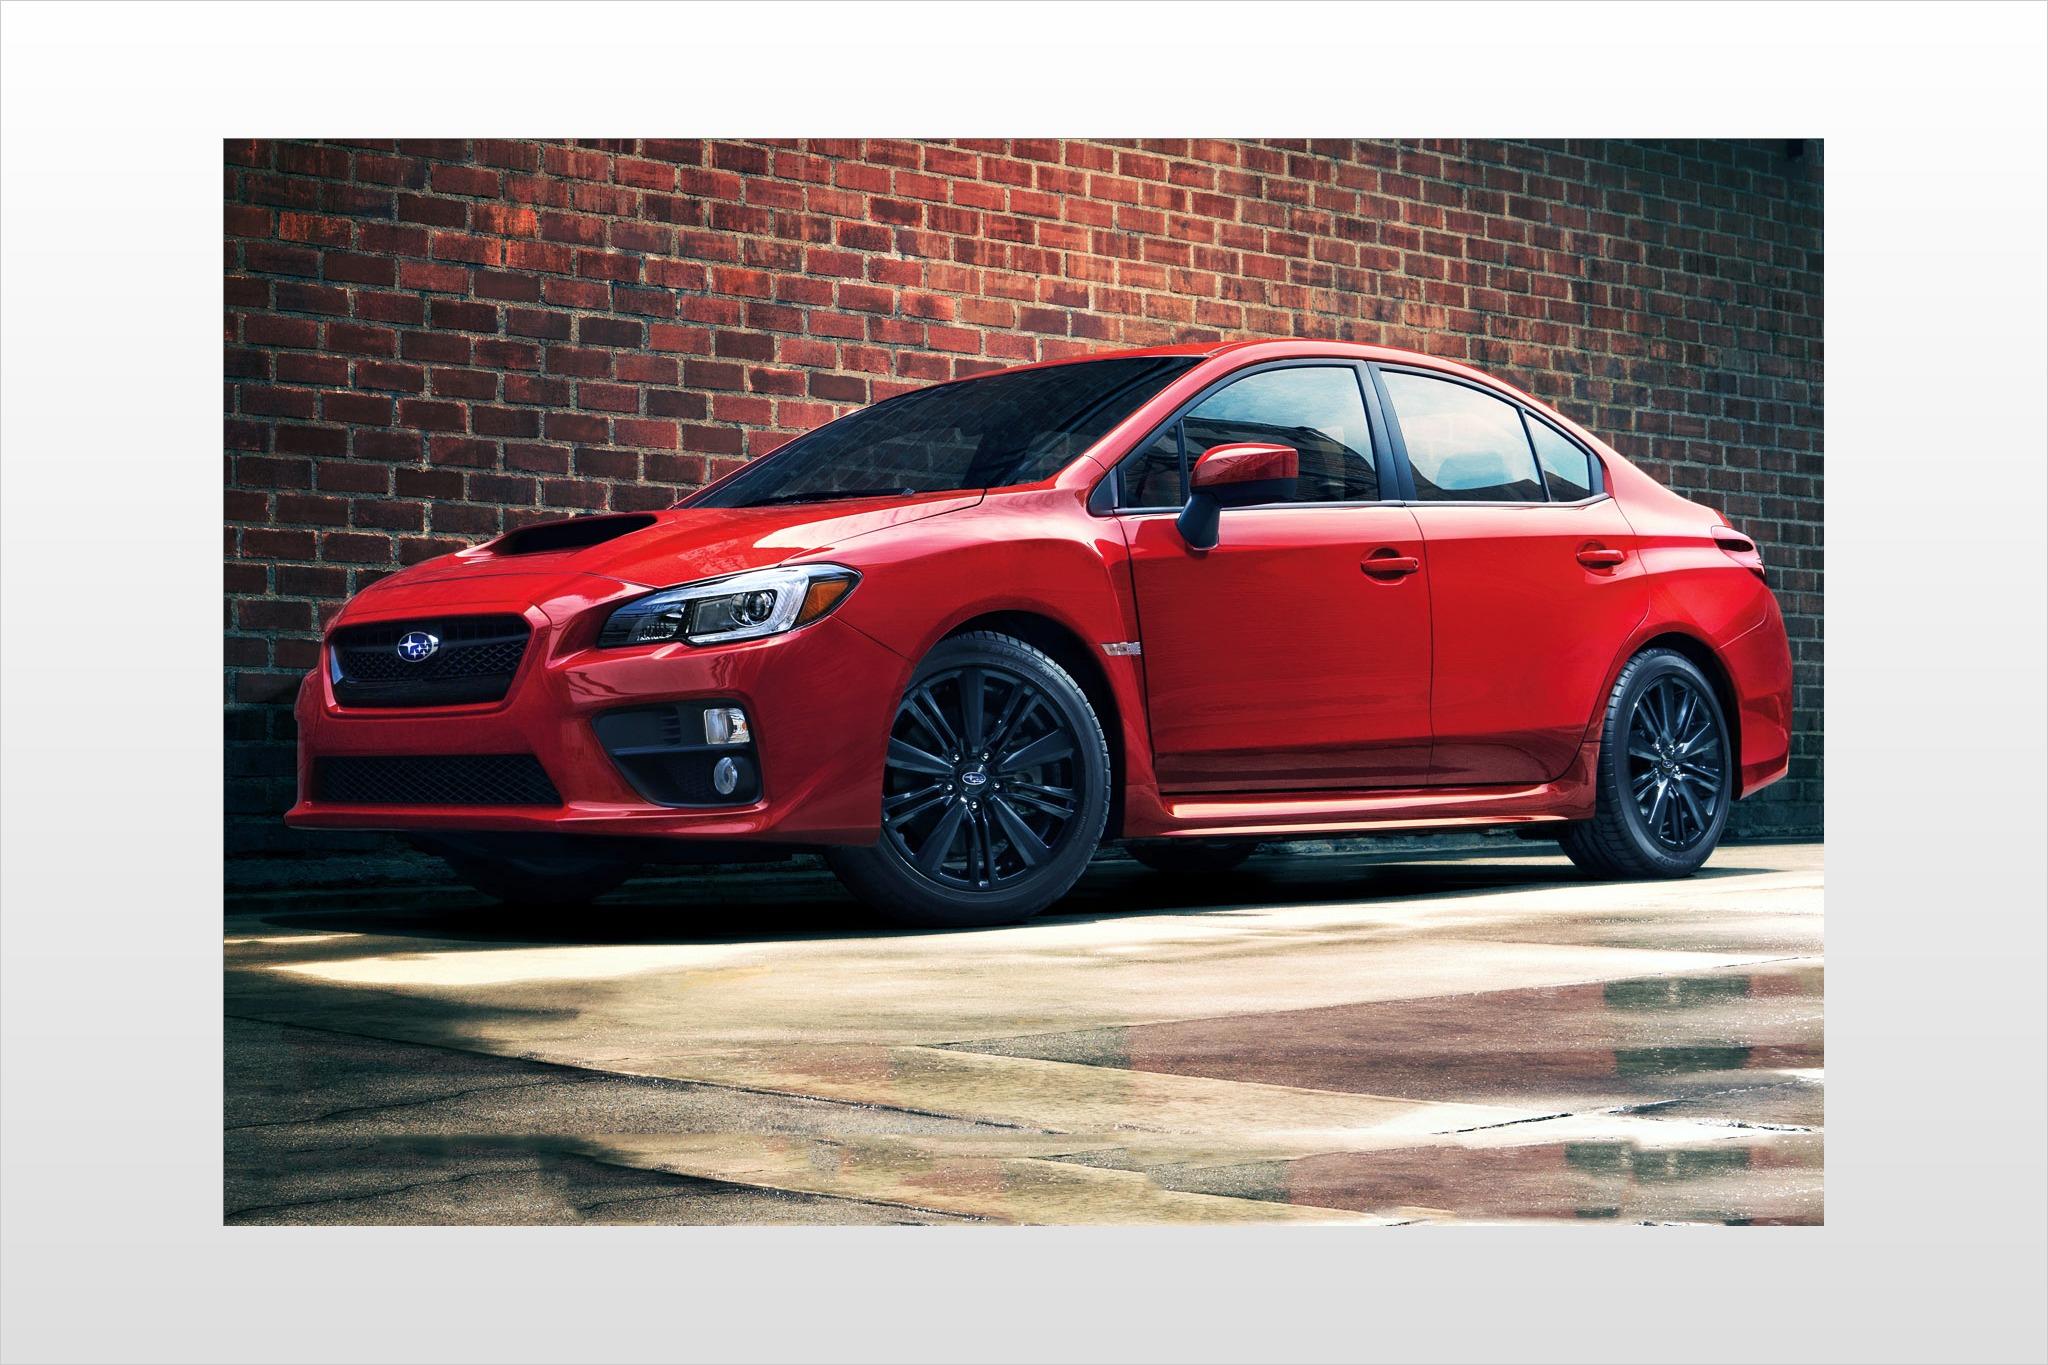 2015 subaru wrx sedan premium fq oem 1 2048